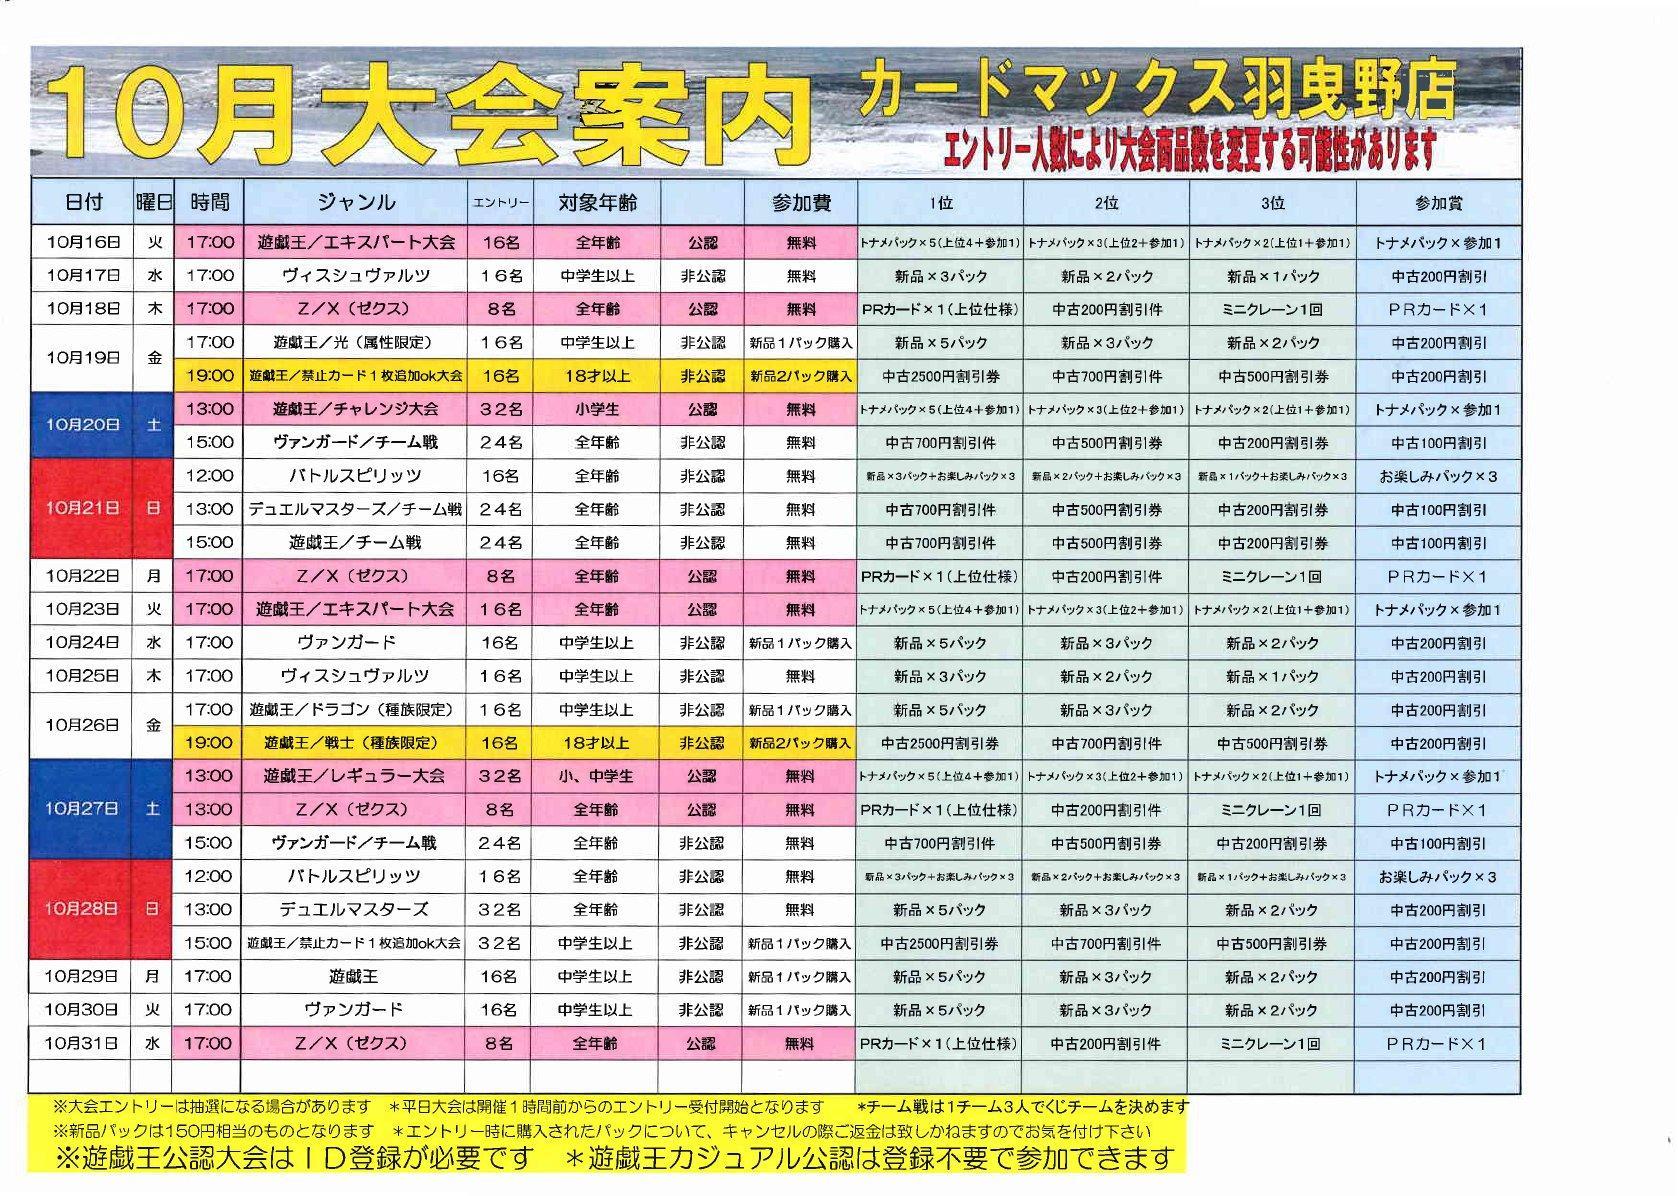 羽曳野店 10月後半の大会情報_d0259027_16222238.jpg